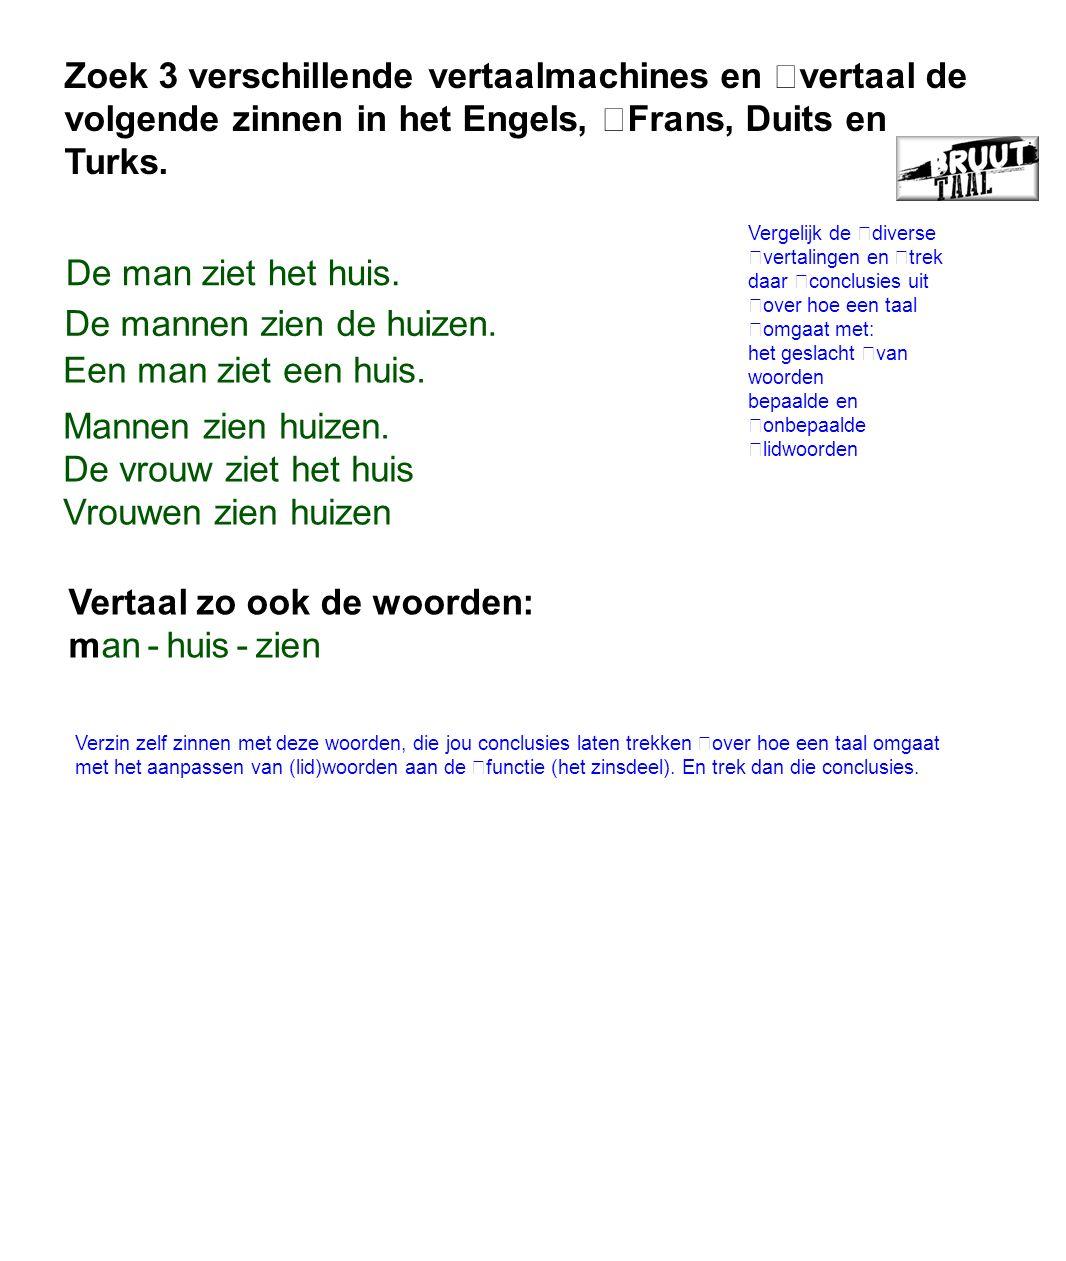 Zoek 3 verschillende vertaalmachines en vertaal de volgende zinnen in het Engels, Frans, Duits en Turks.